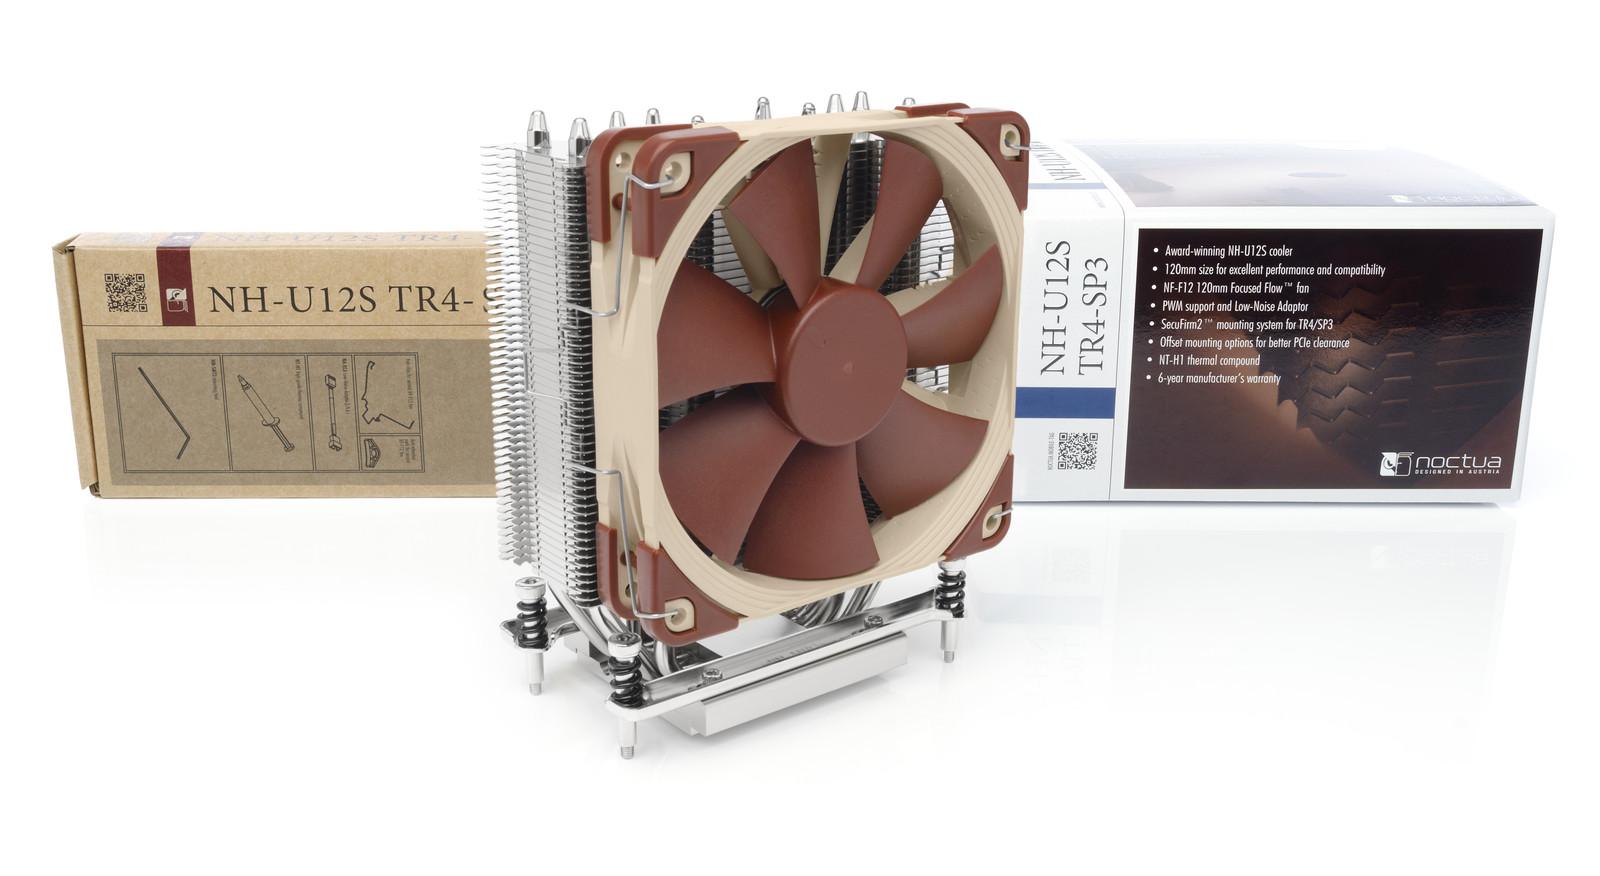 Noctua NH-U12S TR4-SP3 CPU Cooler Socket TR4 & SP3 for AMD Threadripper Processors image